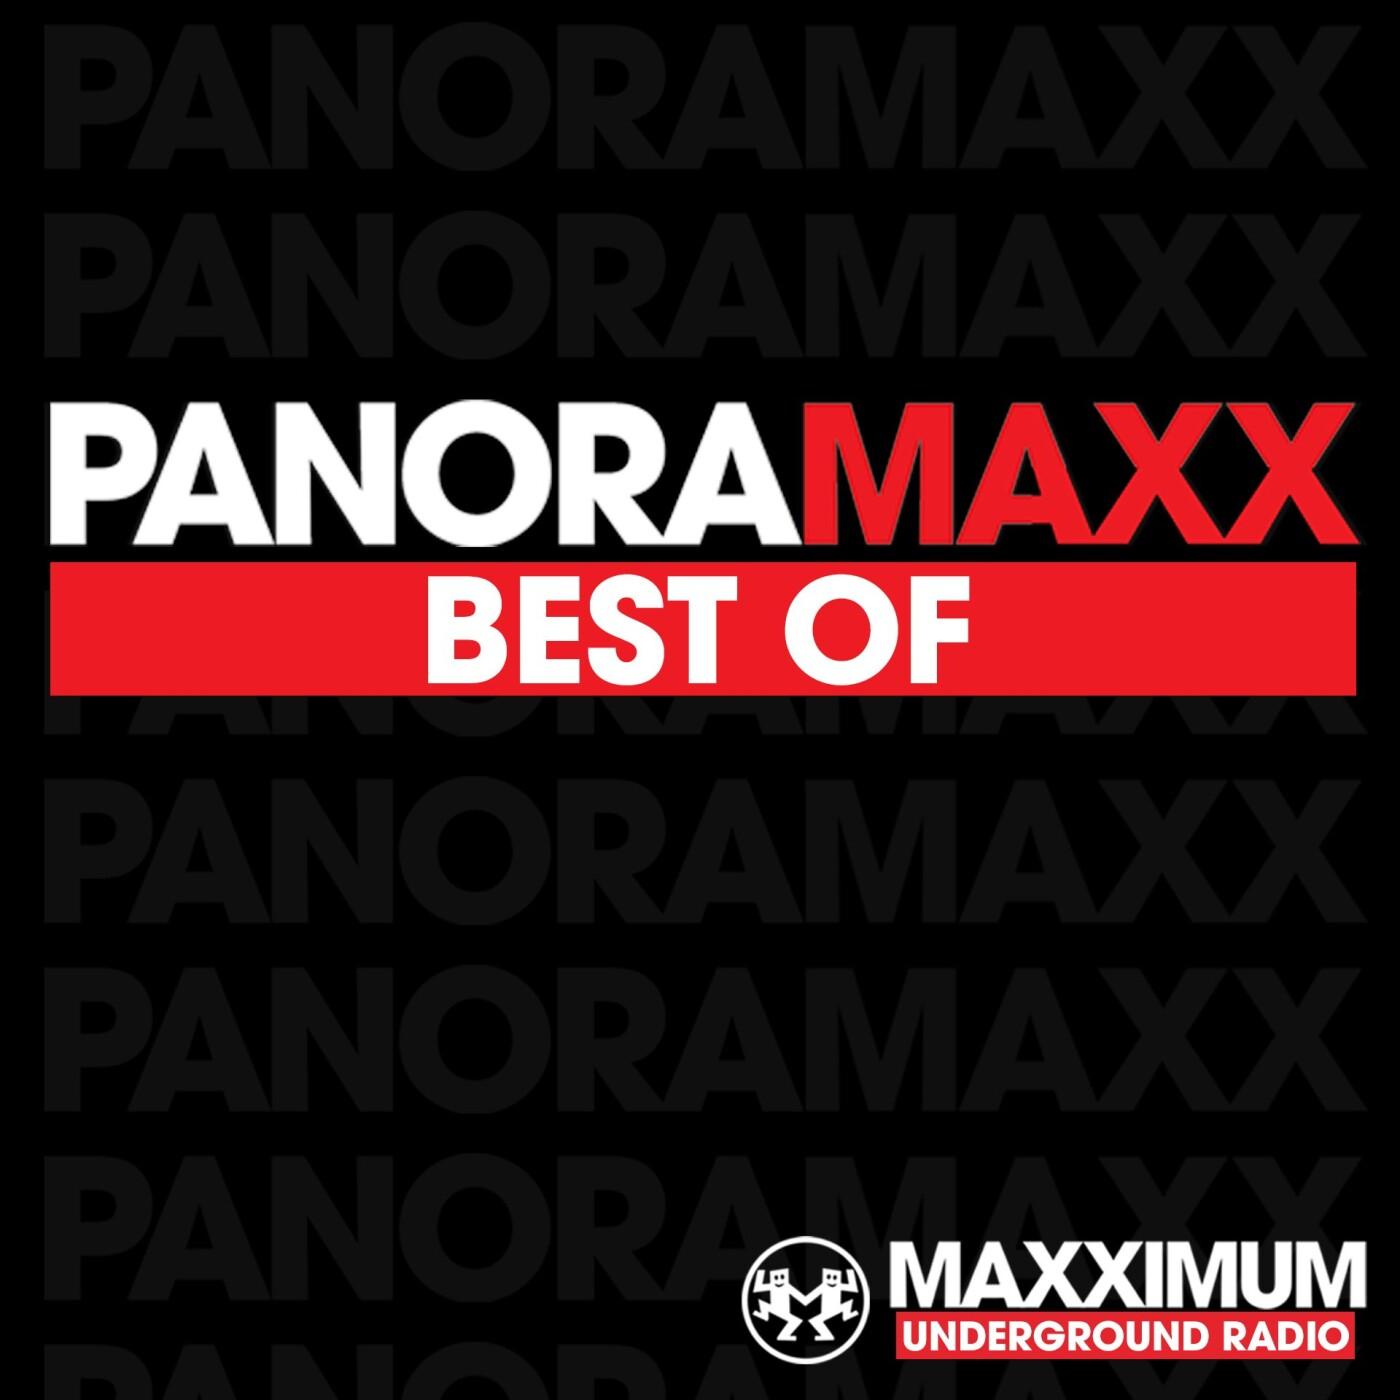 PANORAMAXX BEST OF : DE LA MOON